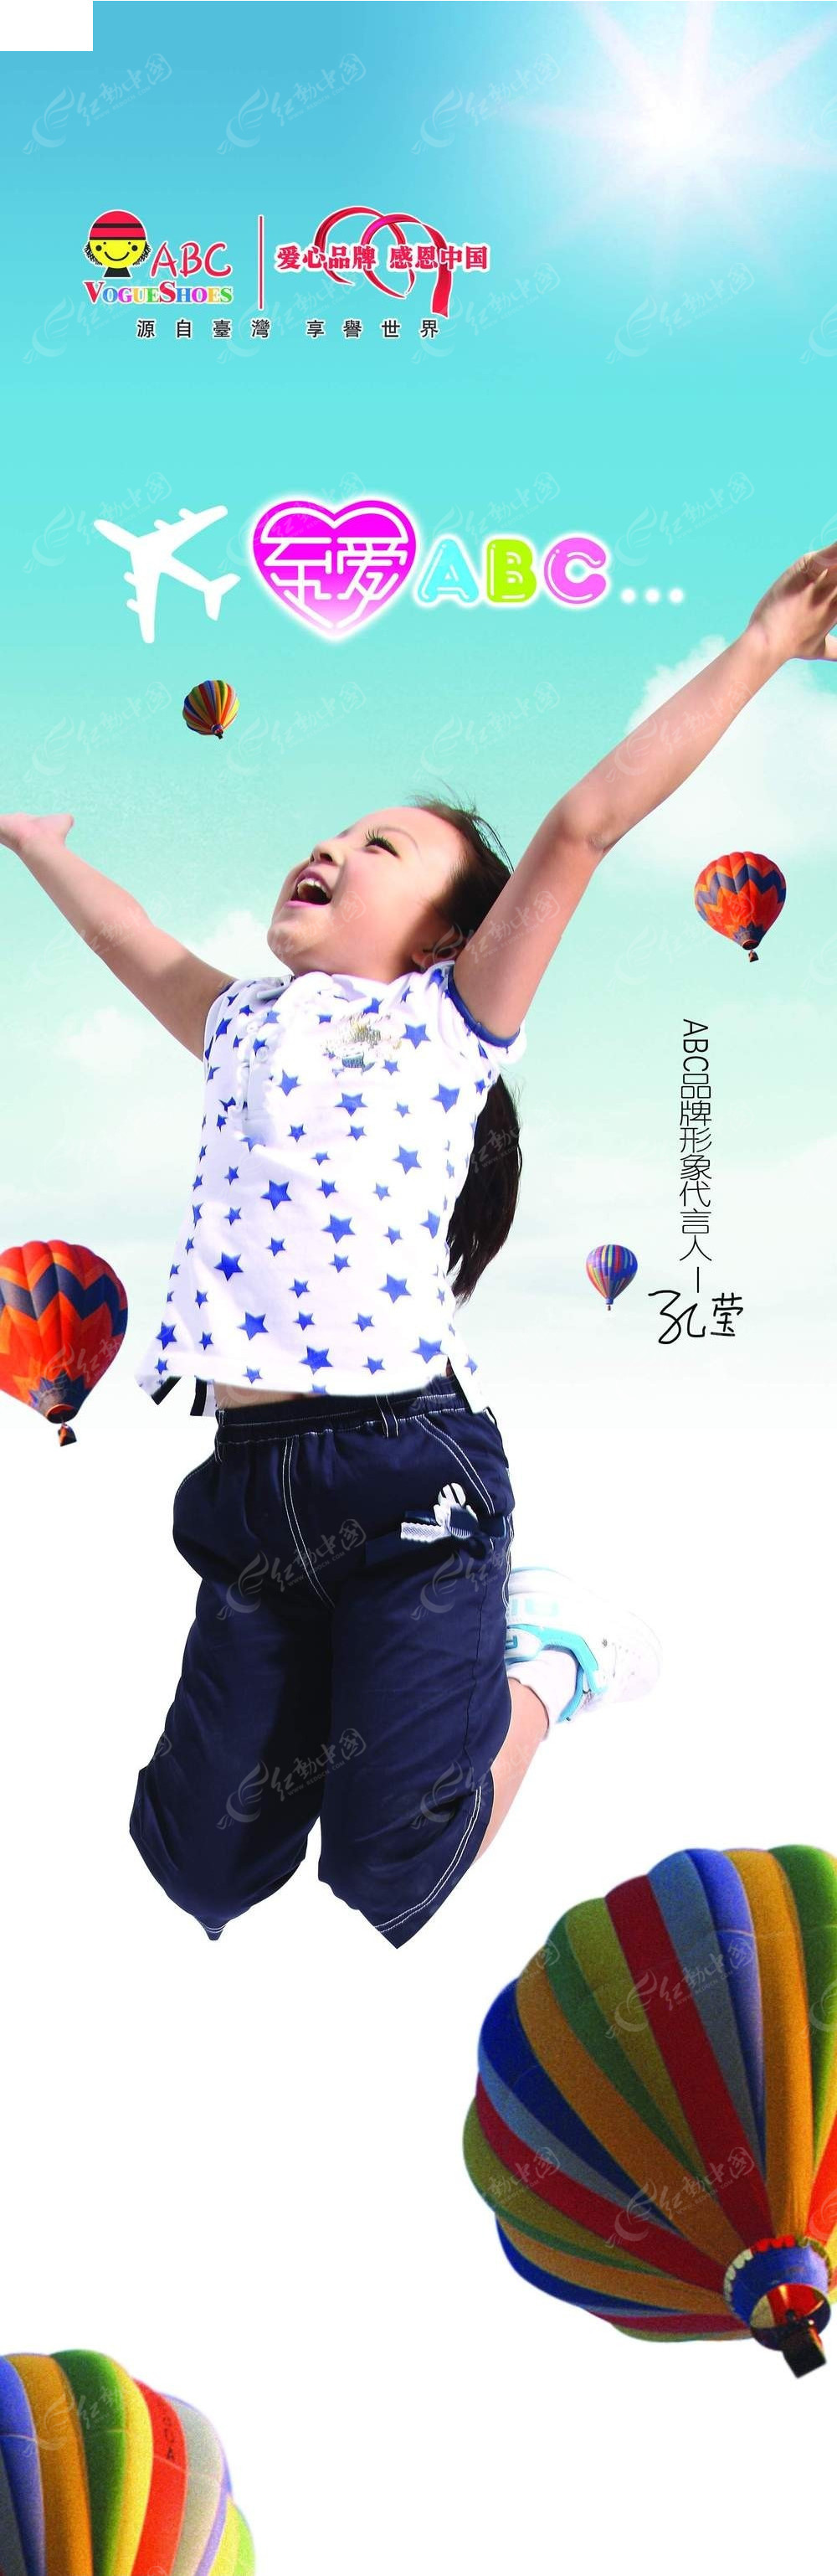 热气球小女孩宣传海报设计